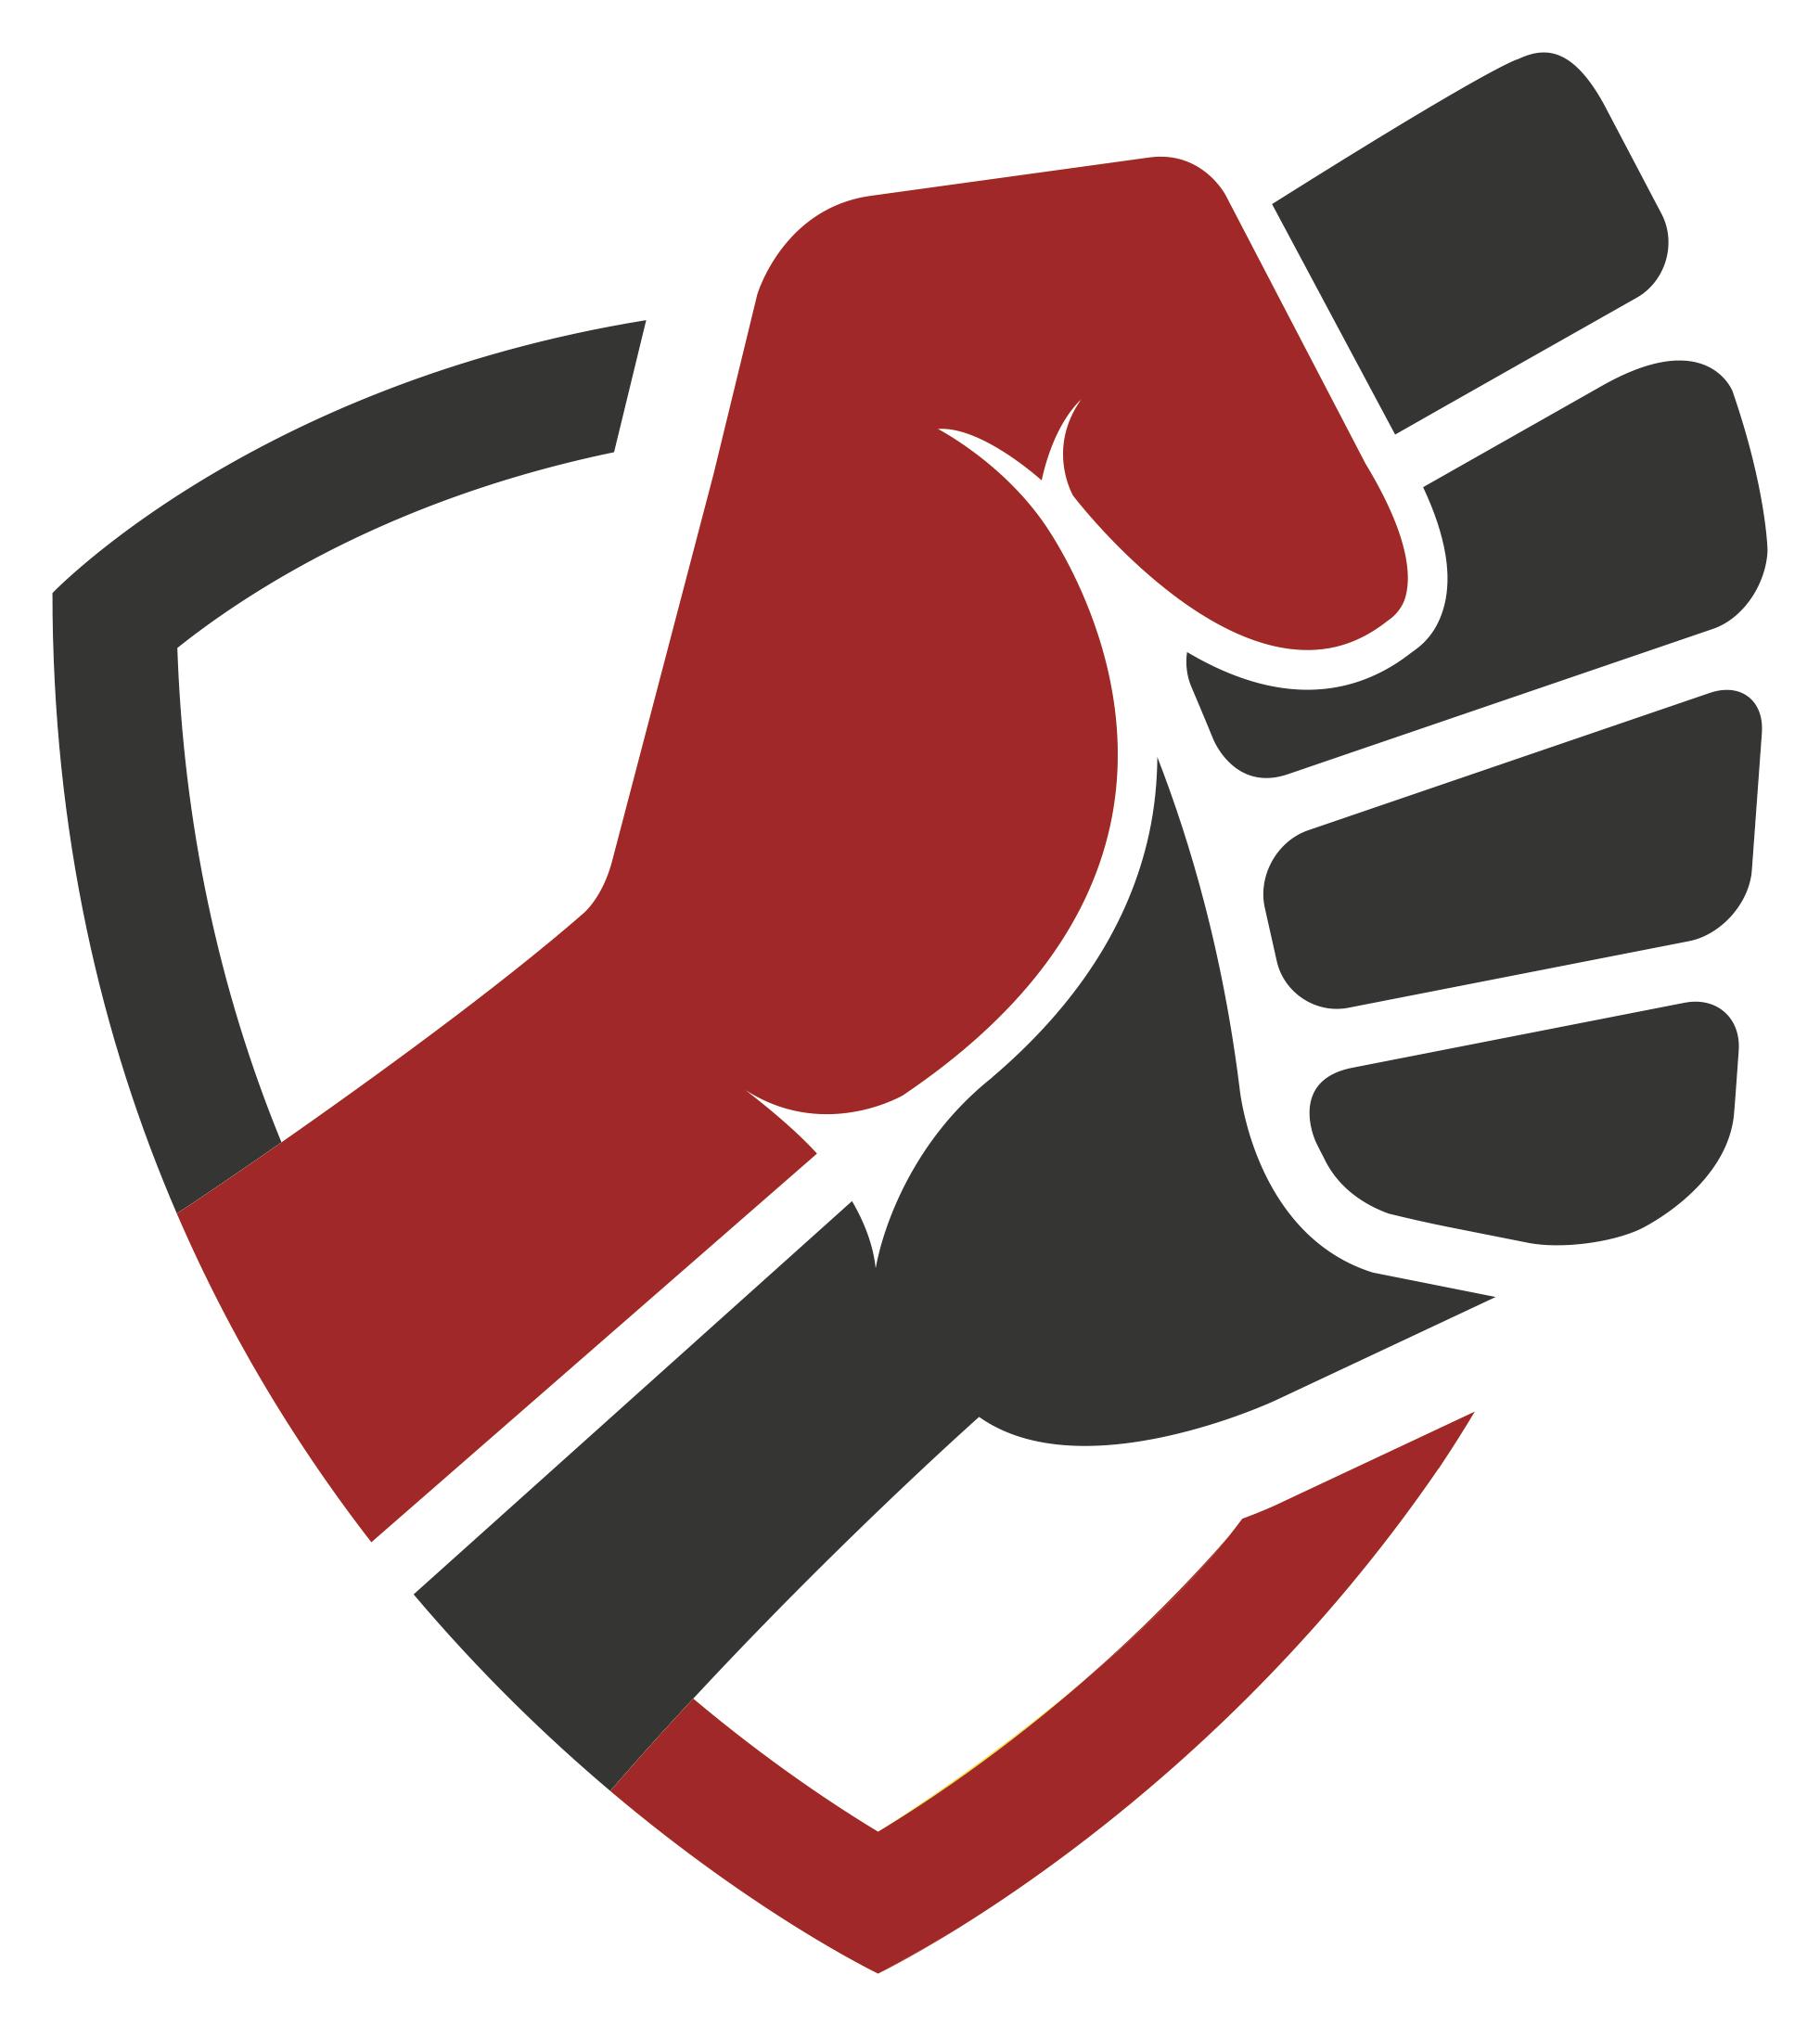 logo Rebels (только кулак)